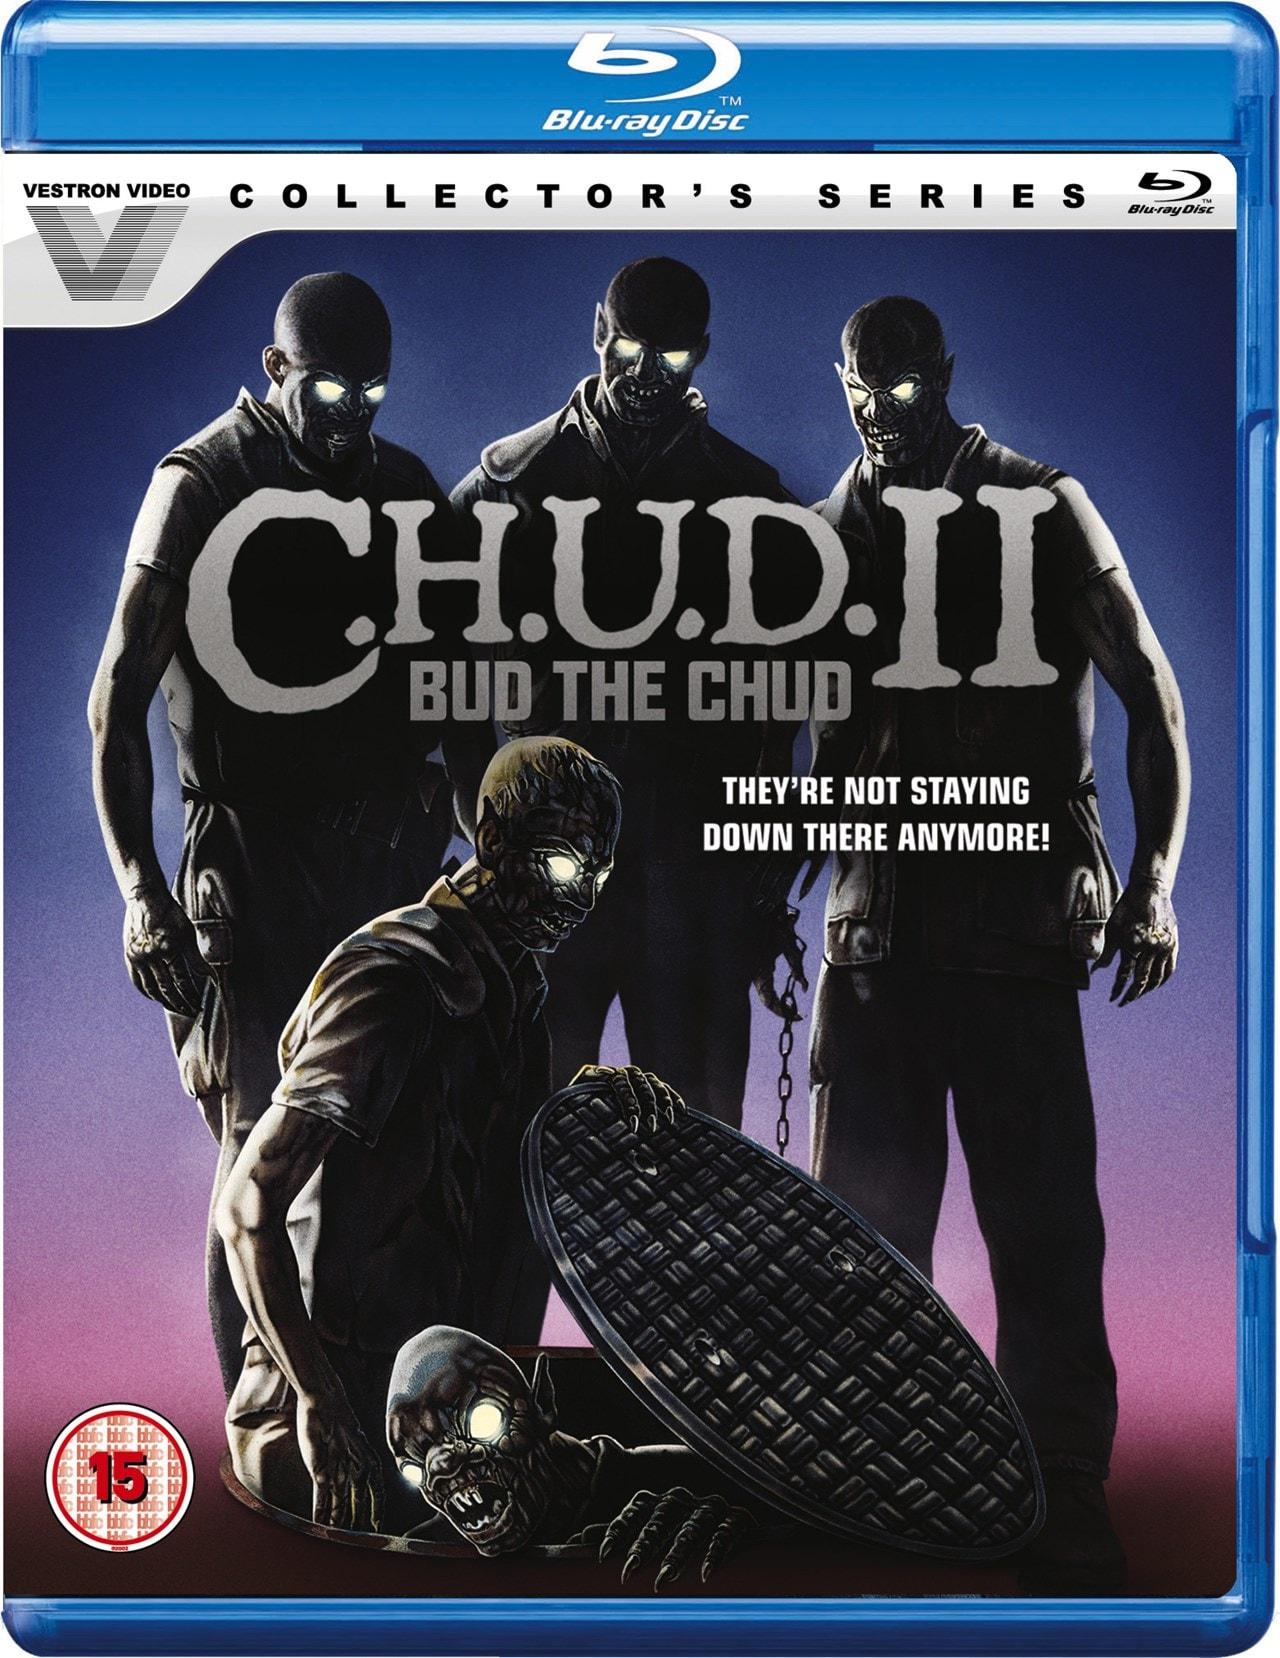 C.H.U.D. 2 - Bud the Chud - 1